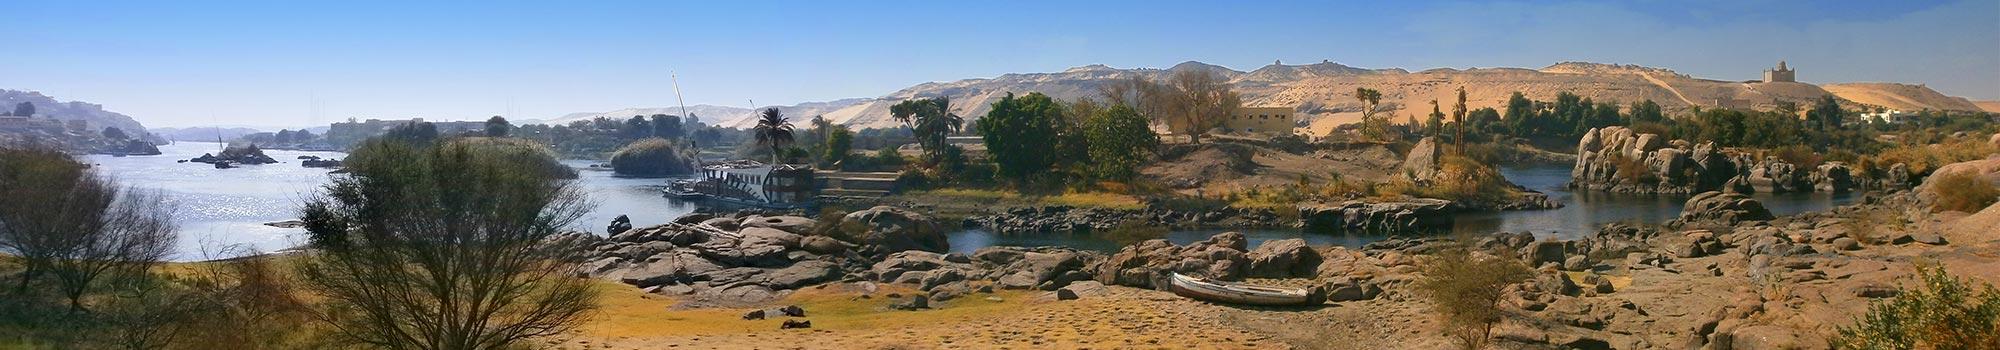 Circuit Egypte sur le nil en séjour ou en Croisière